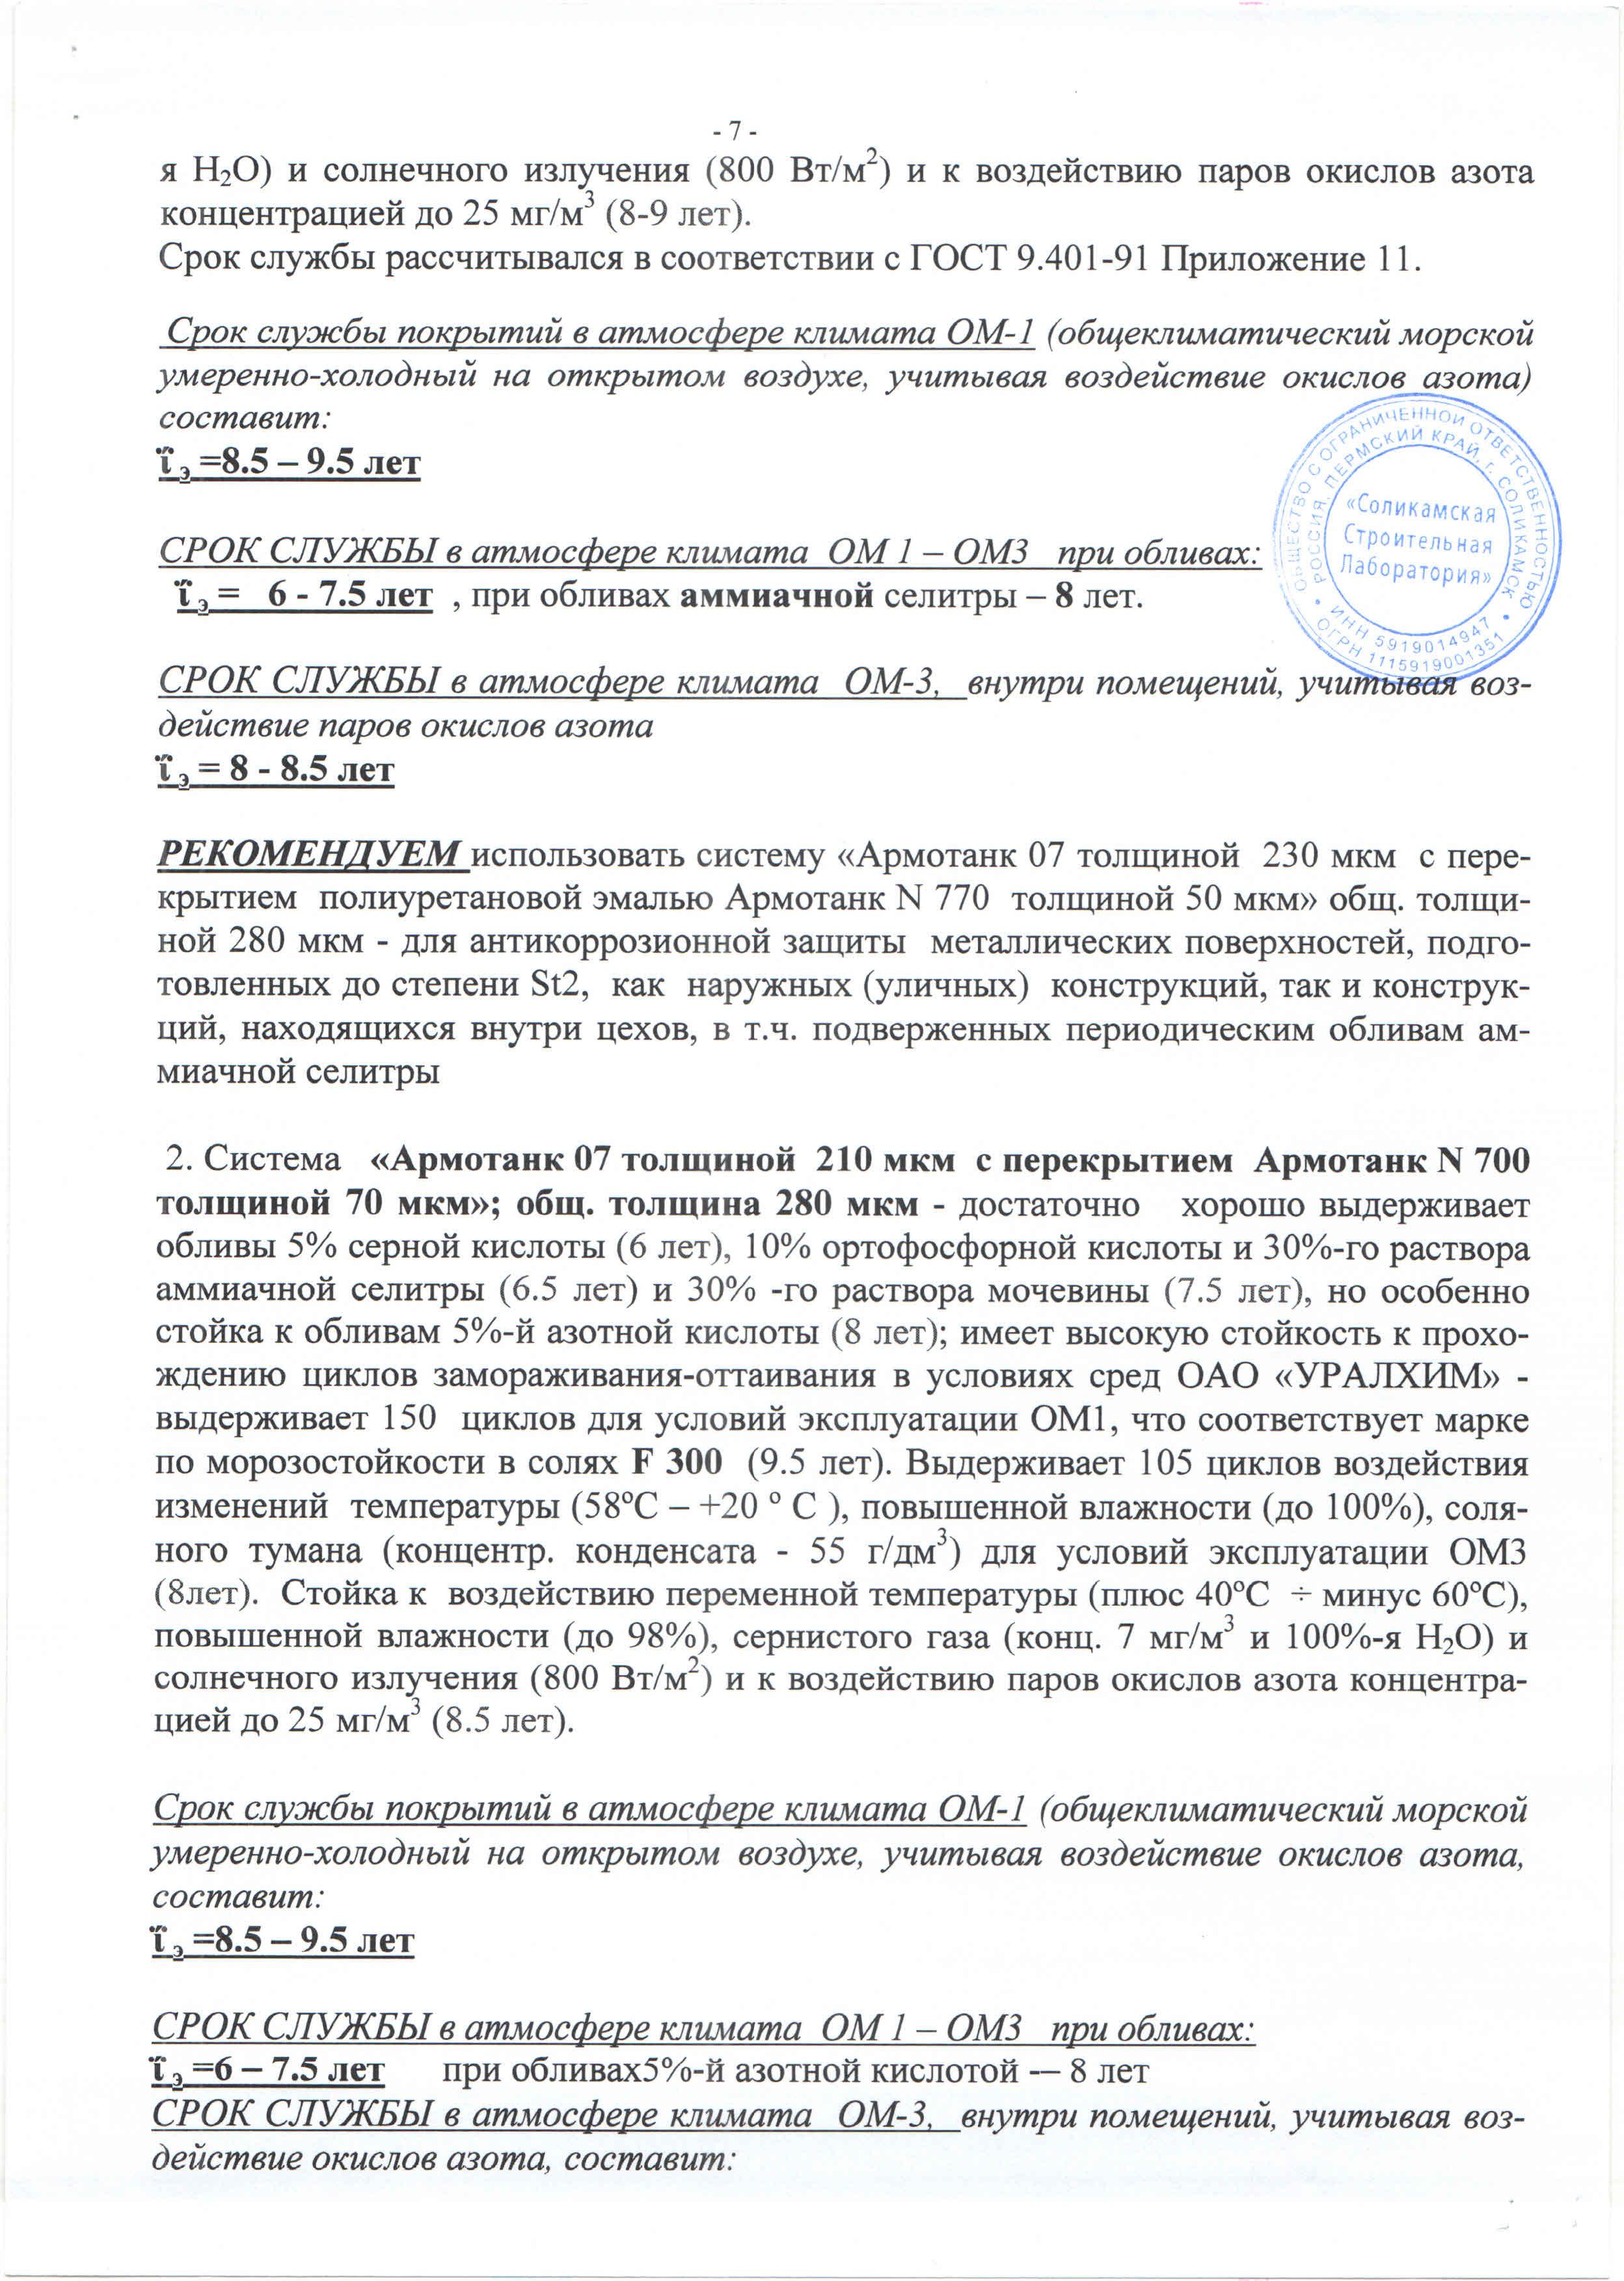 Заключение ООО «Соликамская строительная лаборатория» металл Уралхим 07N70007 N77007S70 (2)_Страница_7